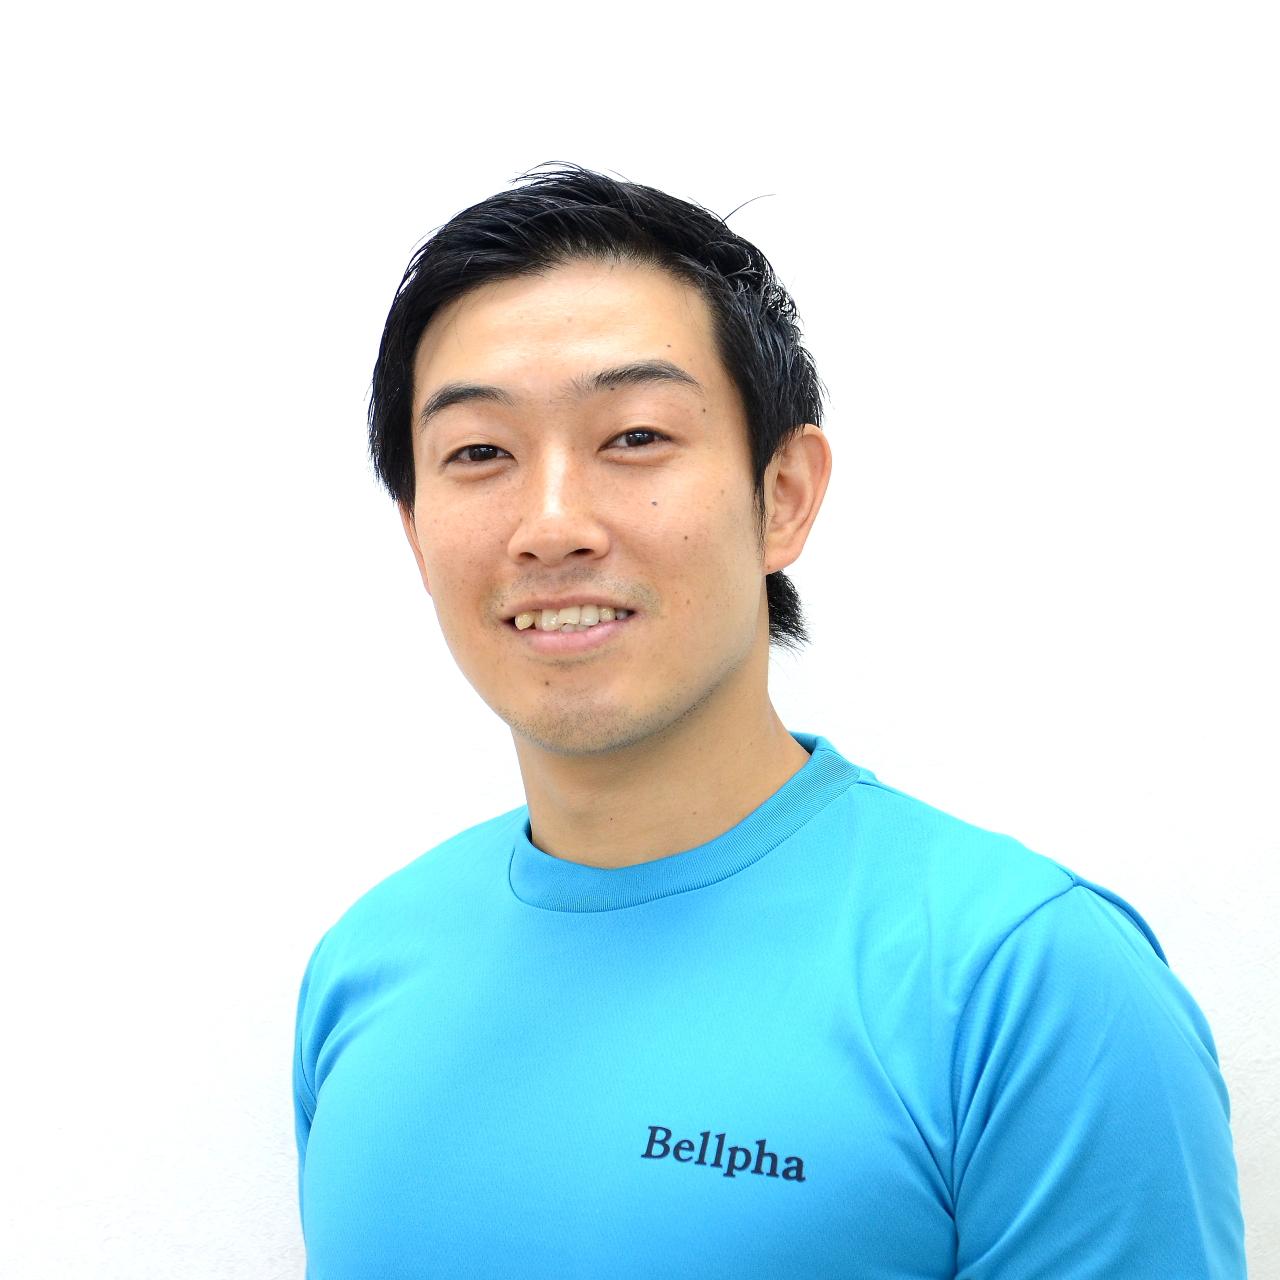 Bellphaパーソナルトレーニングジムの写真16